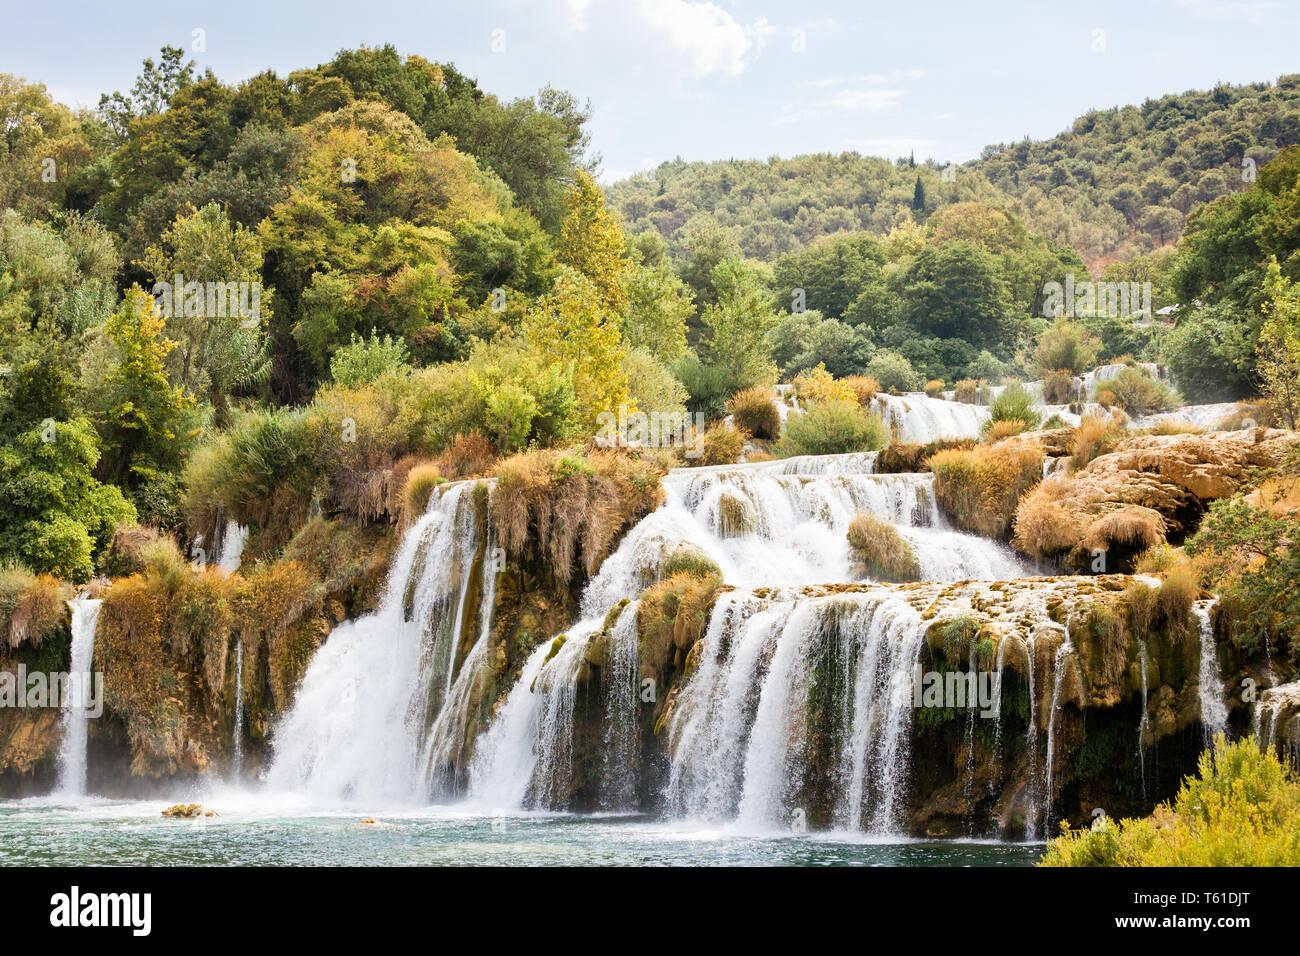 Krka, Sibenik, Kroatien, Europa - Wandern durch die beeindruckende Landschaft des Nationalpark Krka Stockfoto